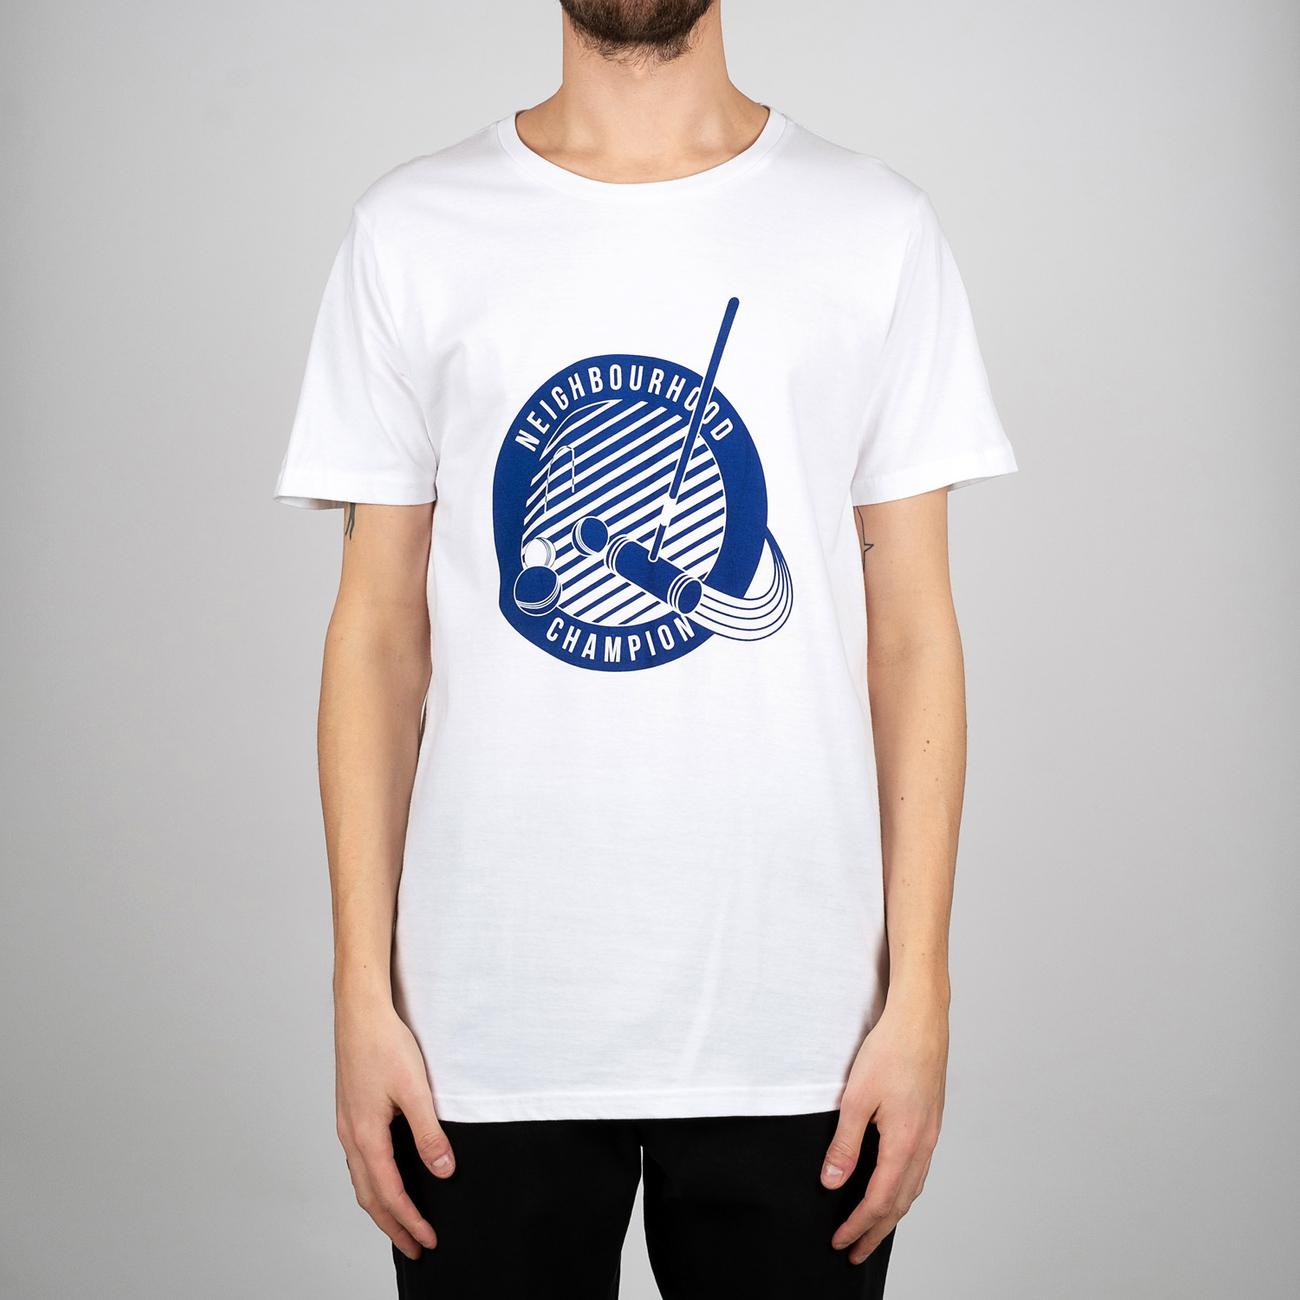 T-shirt Stockholm Neighbourhood Champion